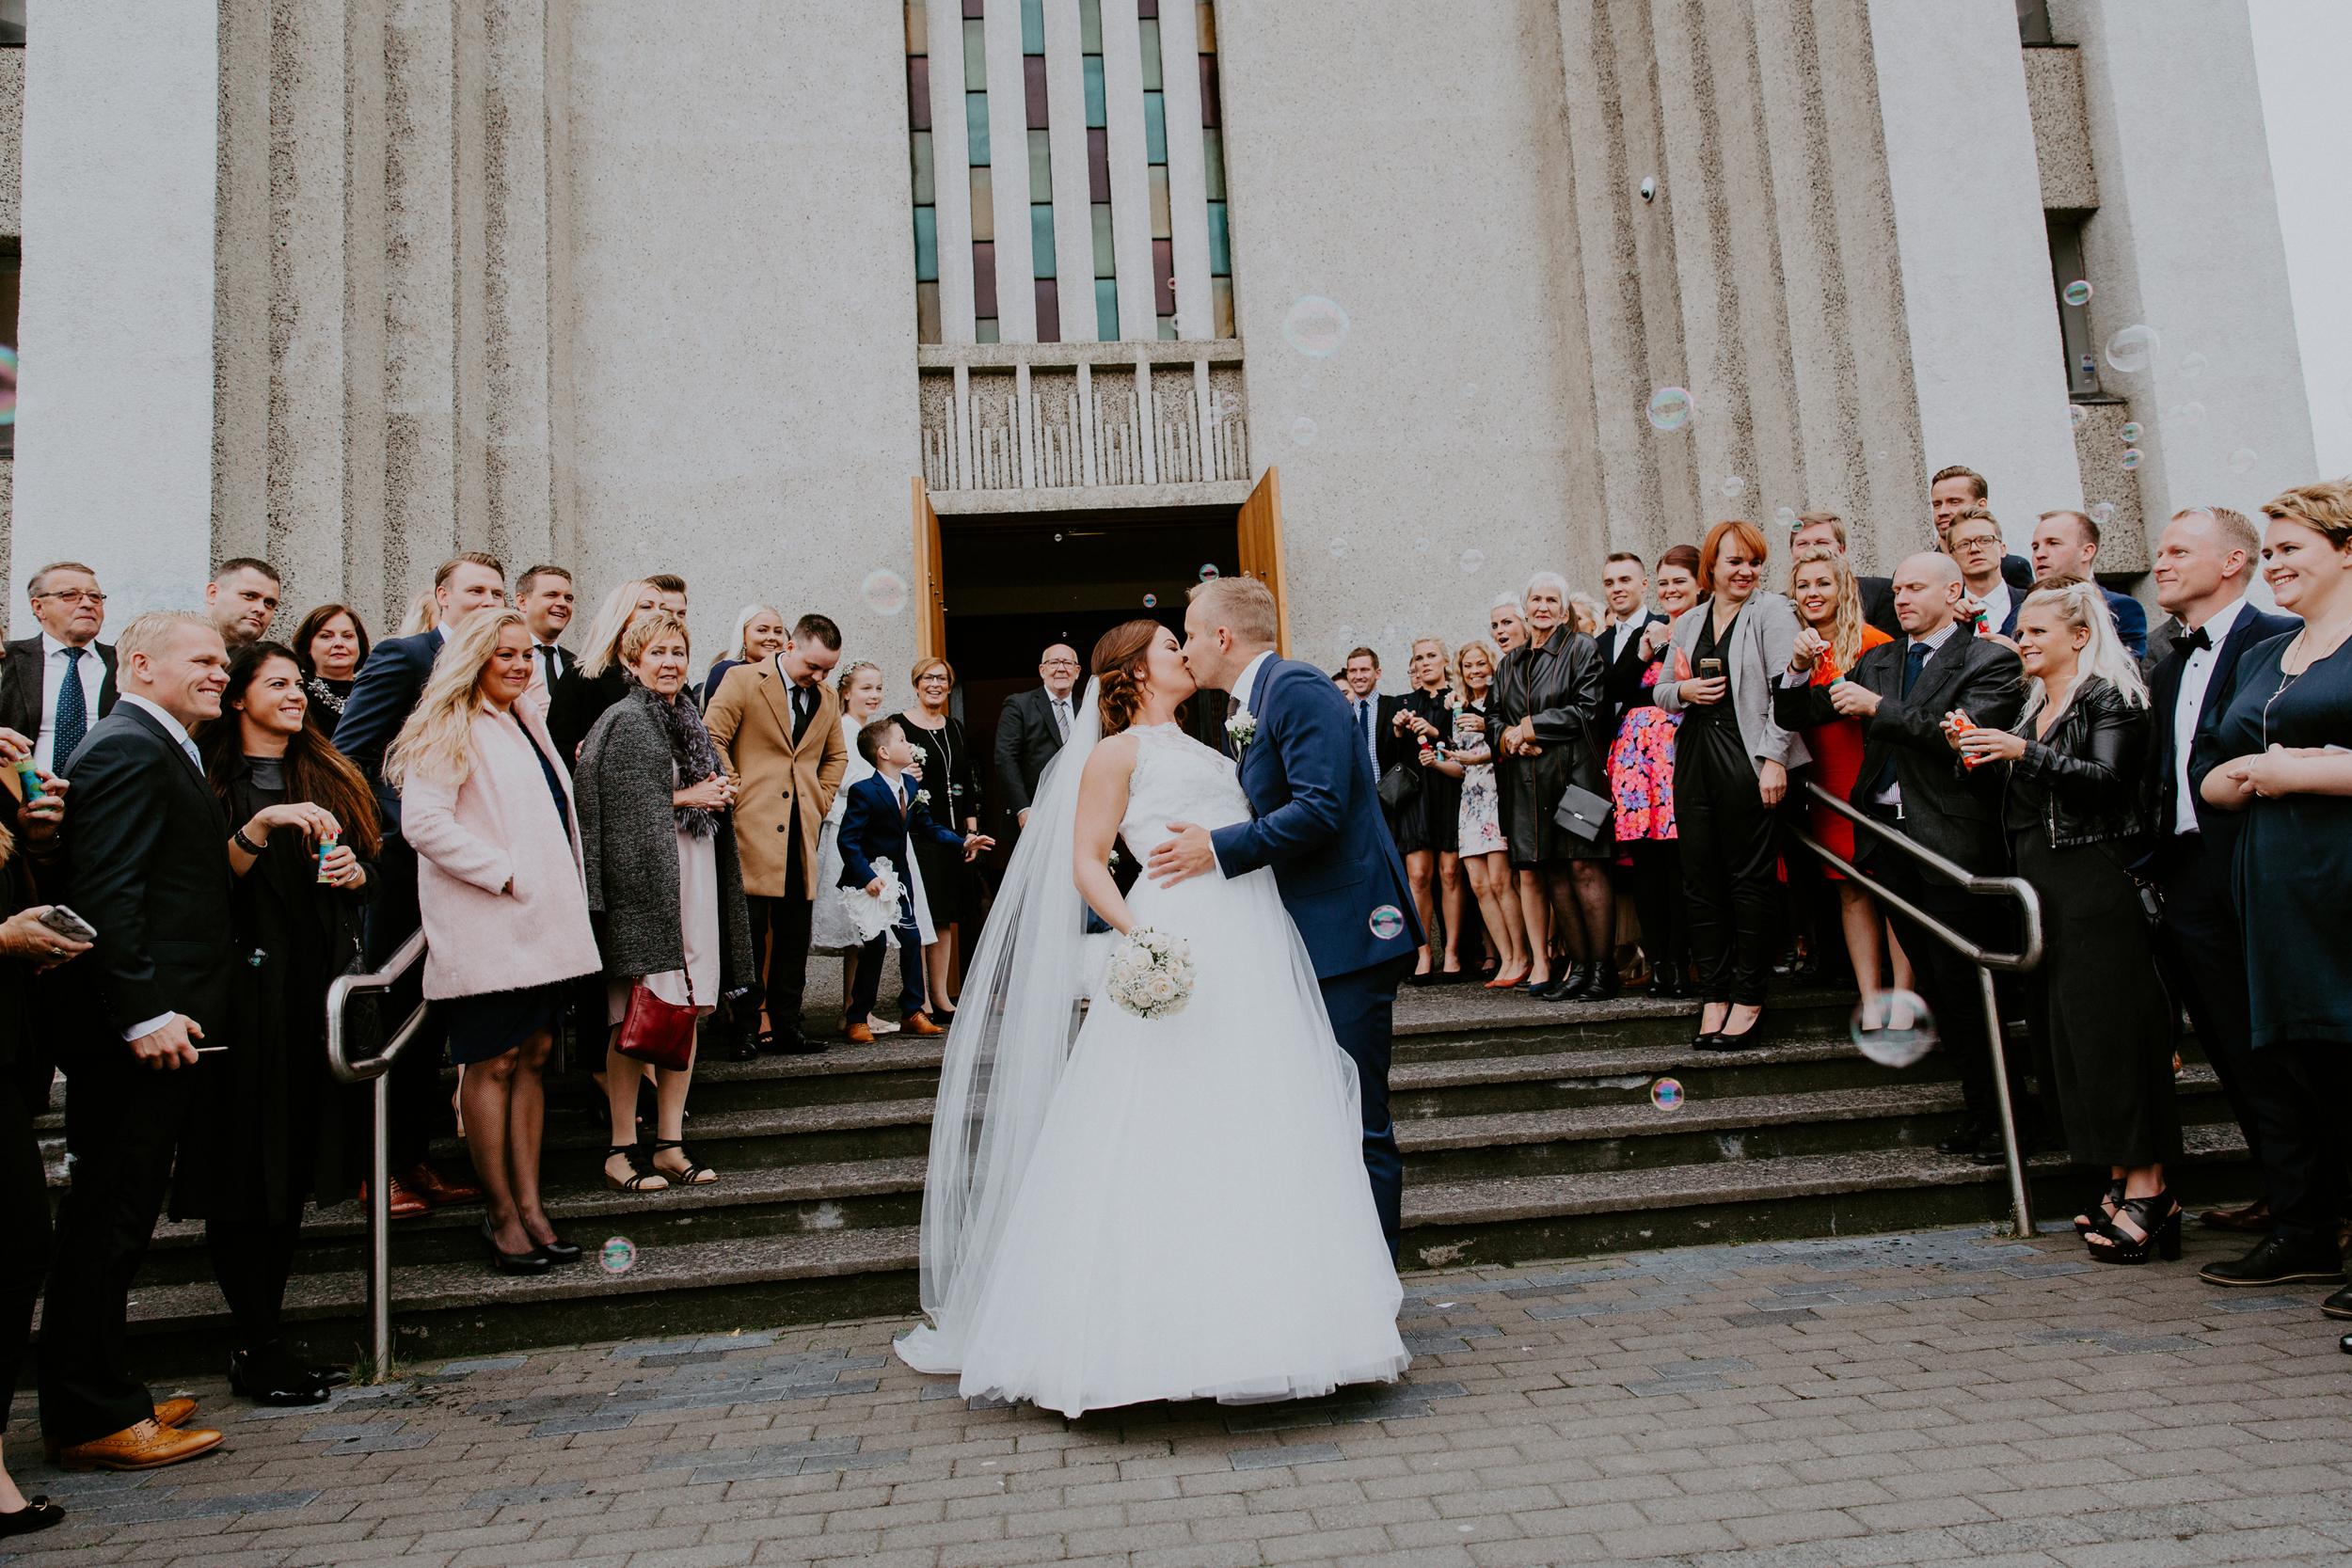 Brudkaup01-025.jpg